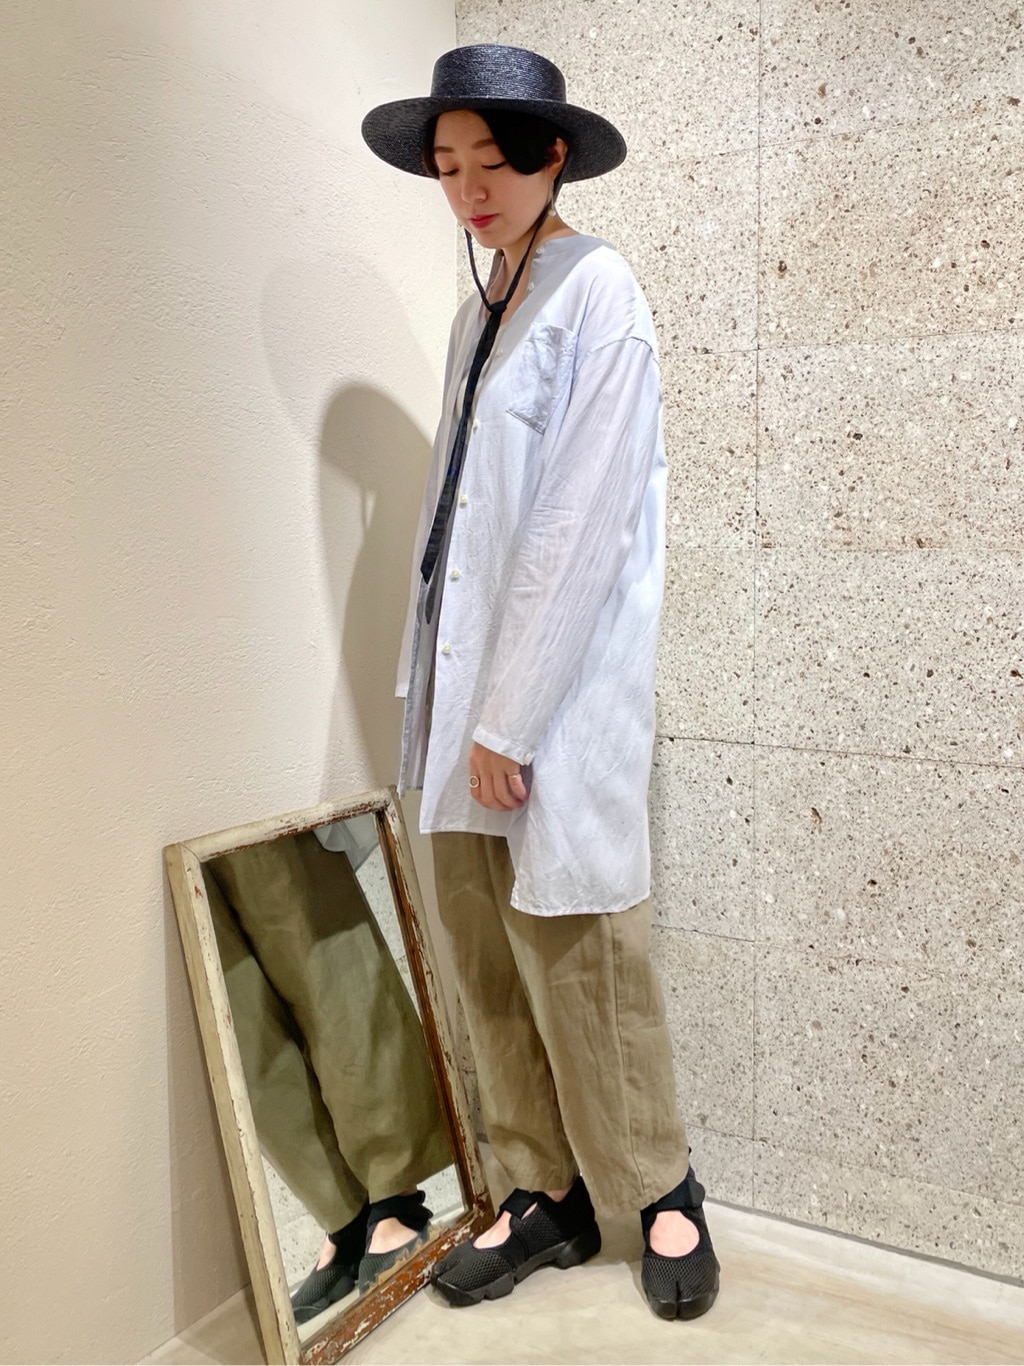 yuni ニュウマン横浜 身長:166cm 2021.05.19